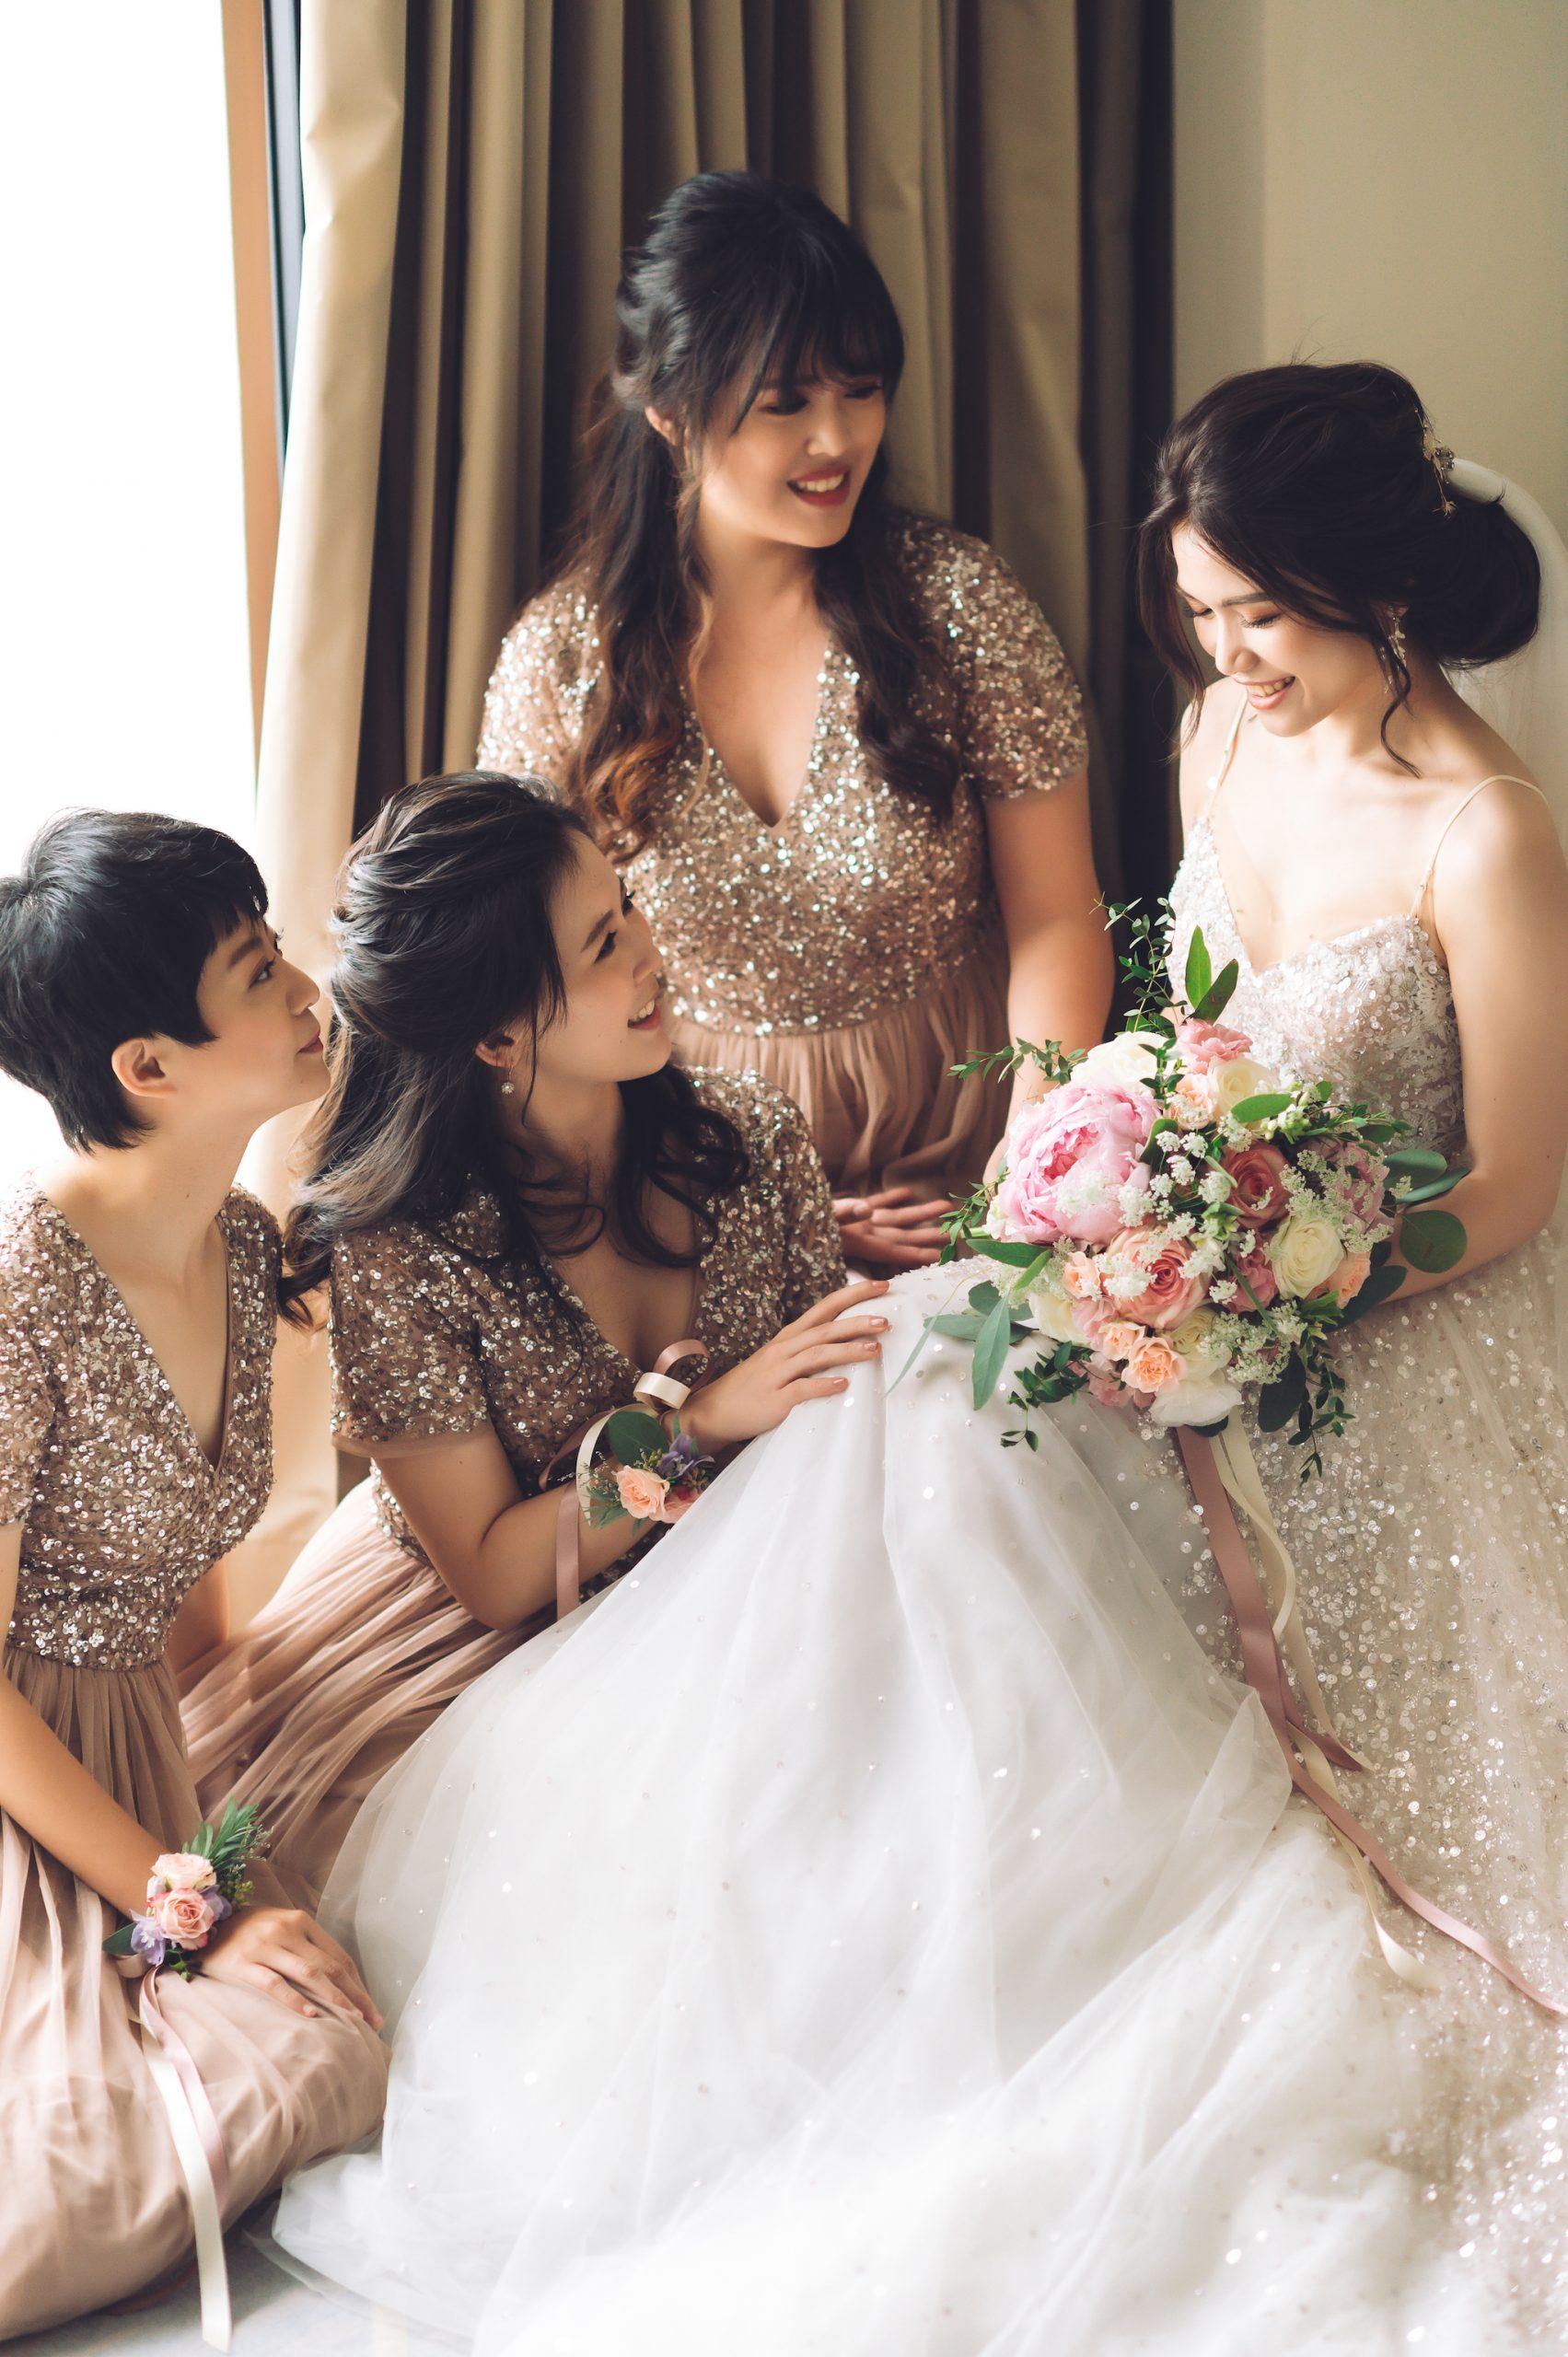 我只想說,當下新娘真的在發光,神新娘降臨